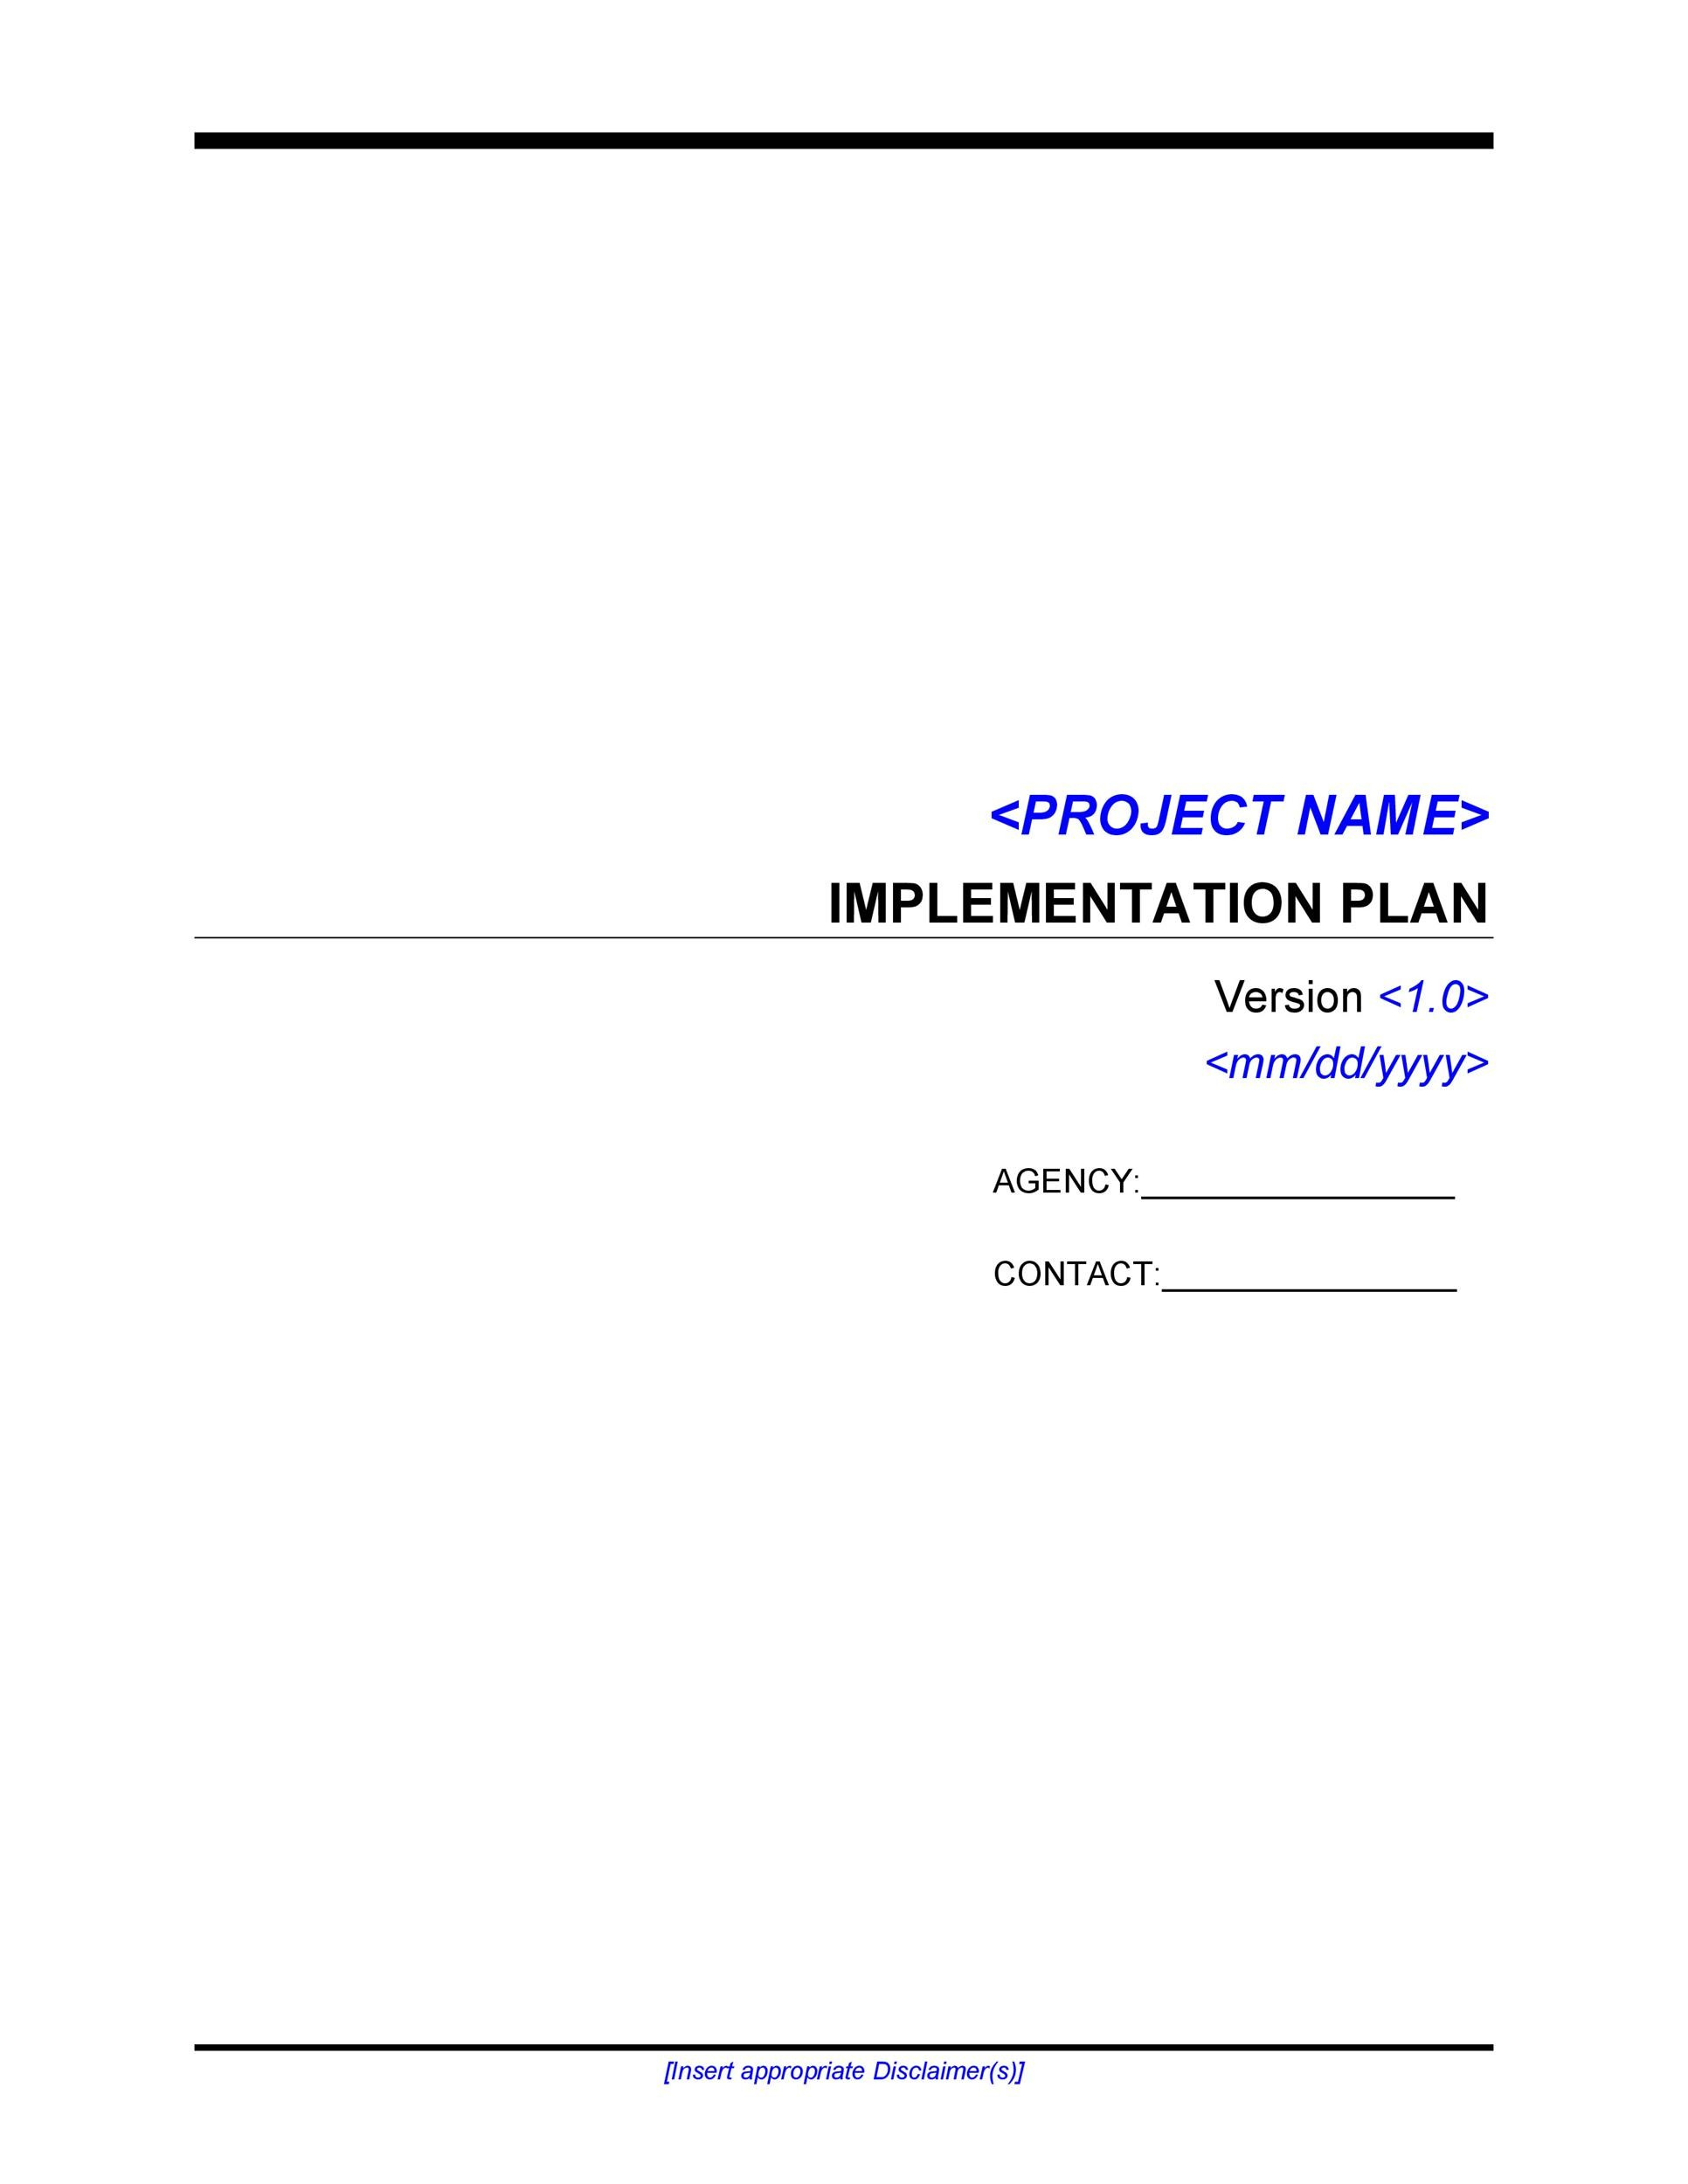 Free implementation plan 26